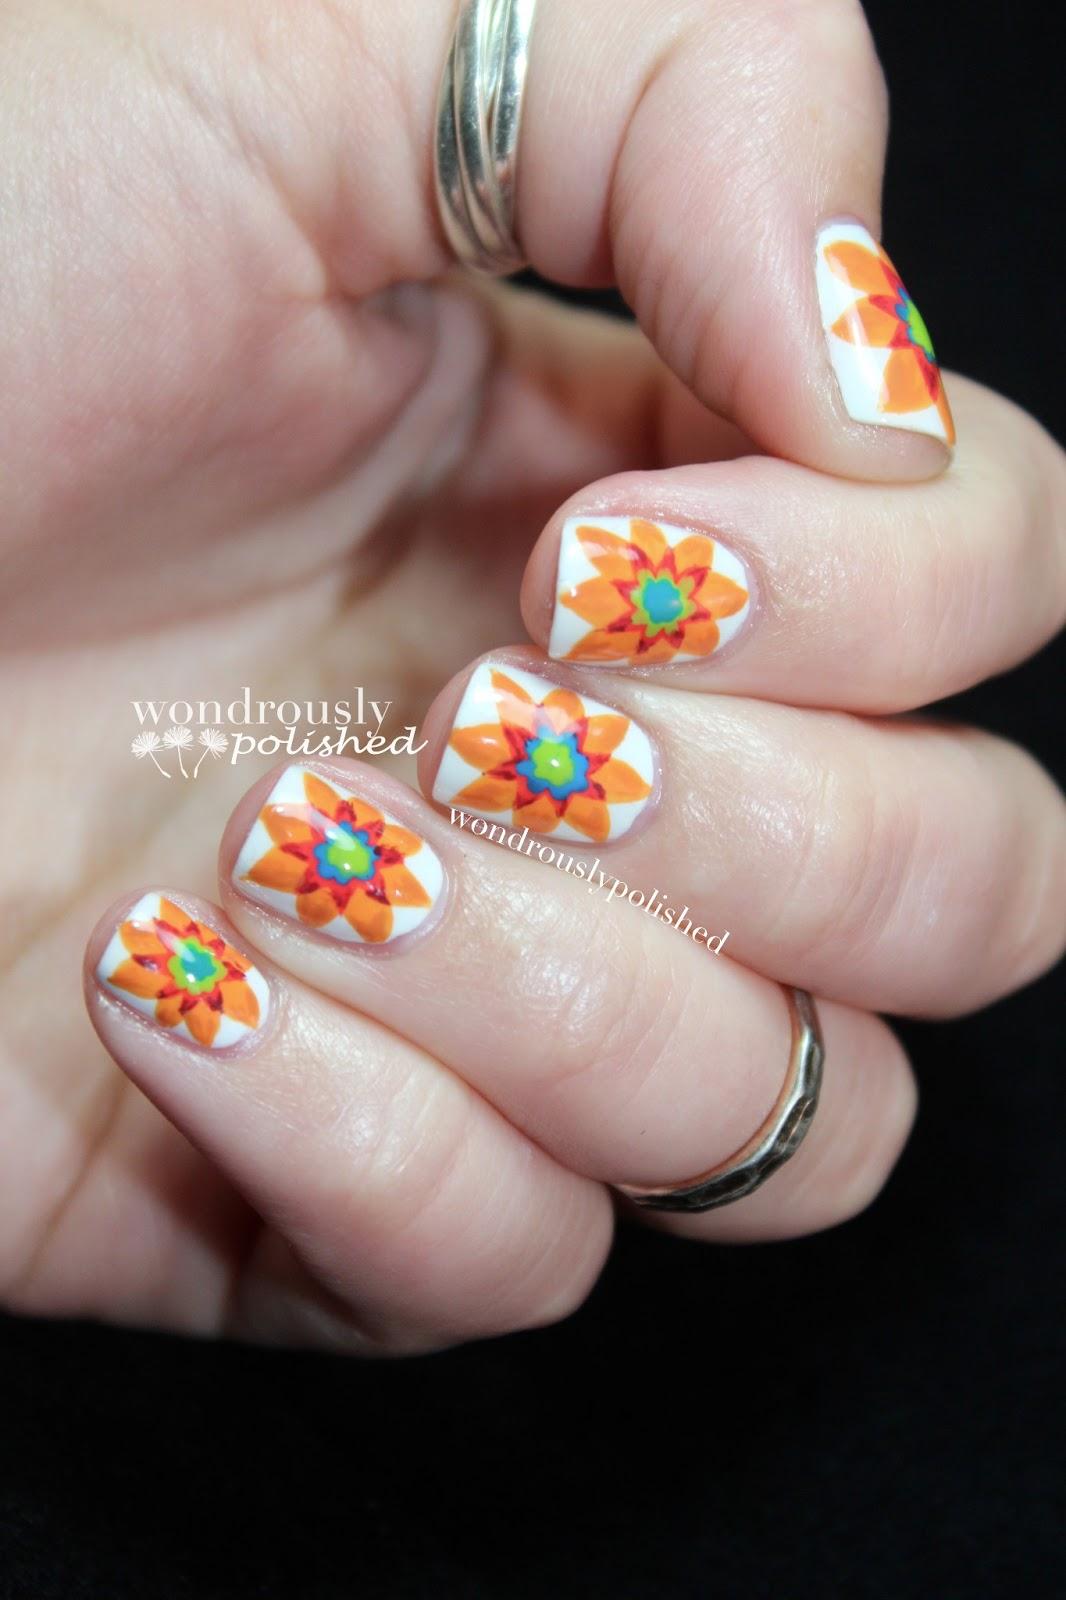 Wondrously Polished April Nail Art Challenge: Wondrously Polished: Majolica Inspired Flowers